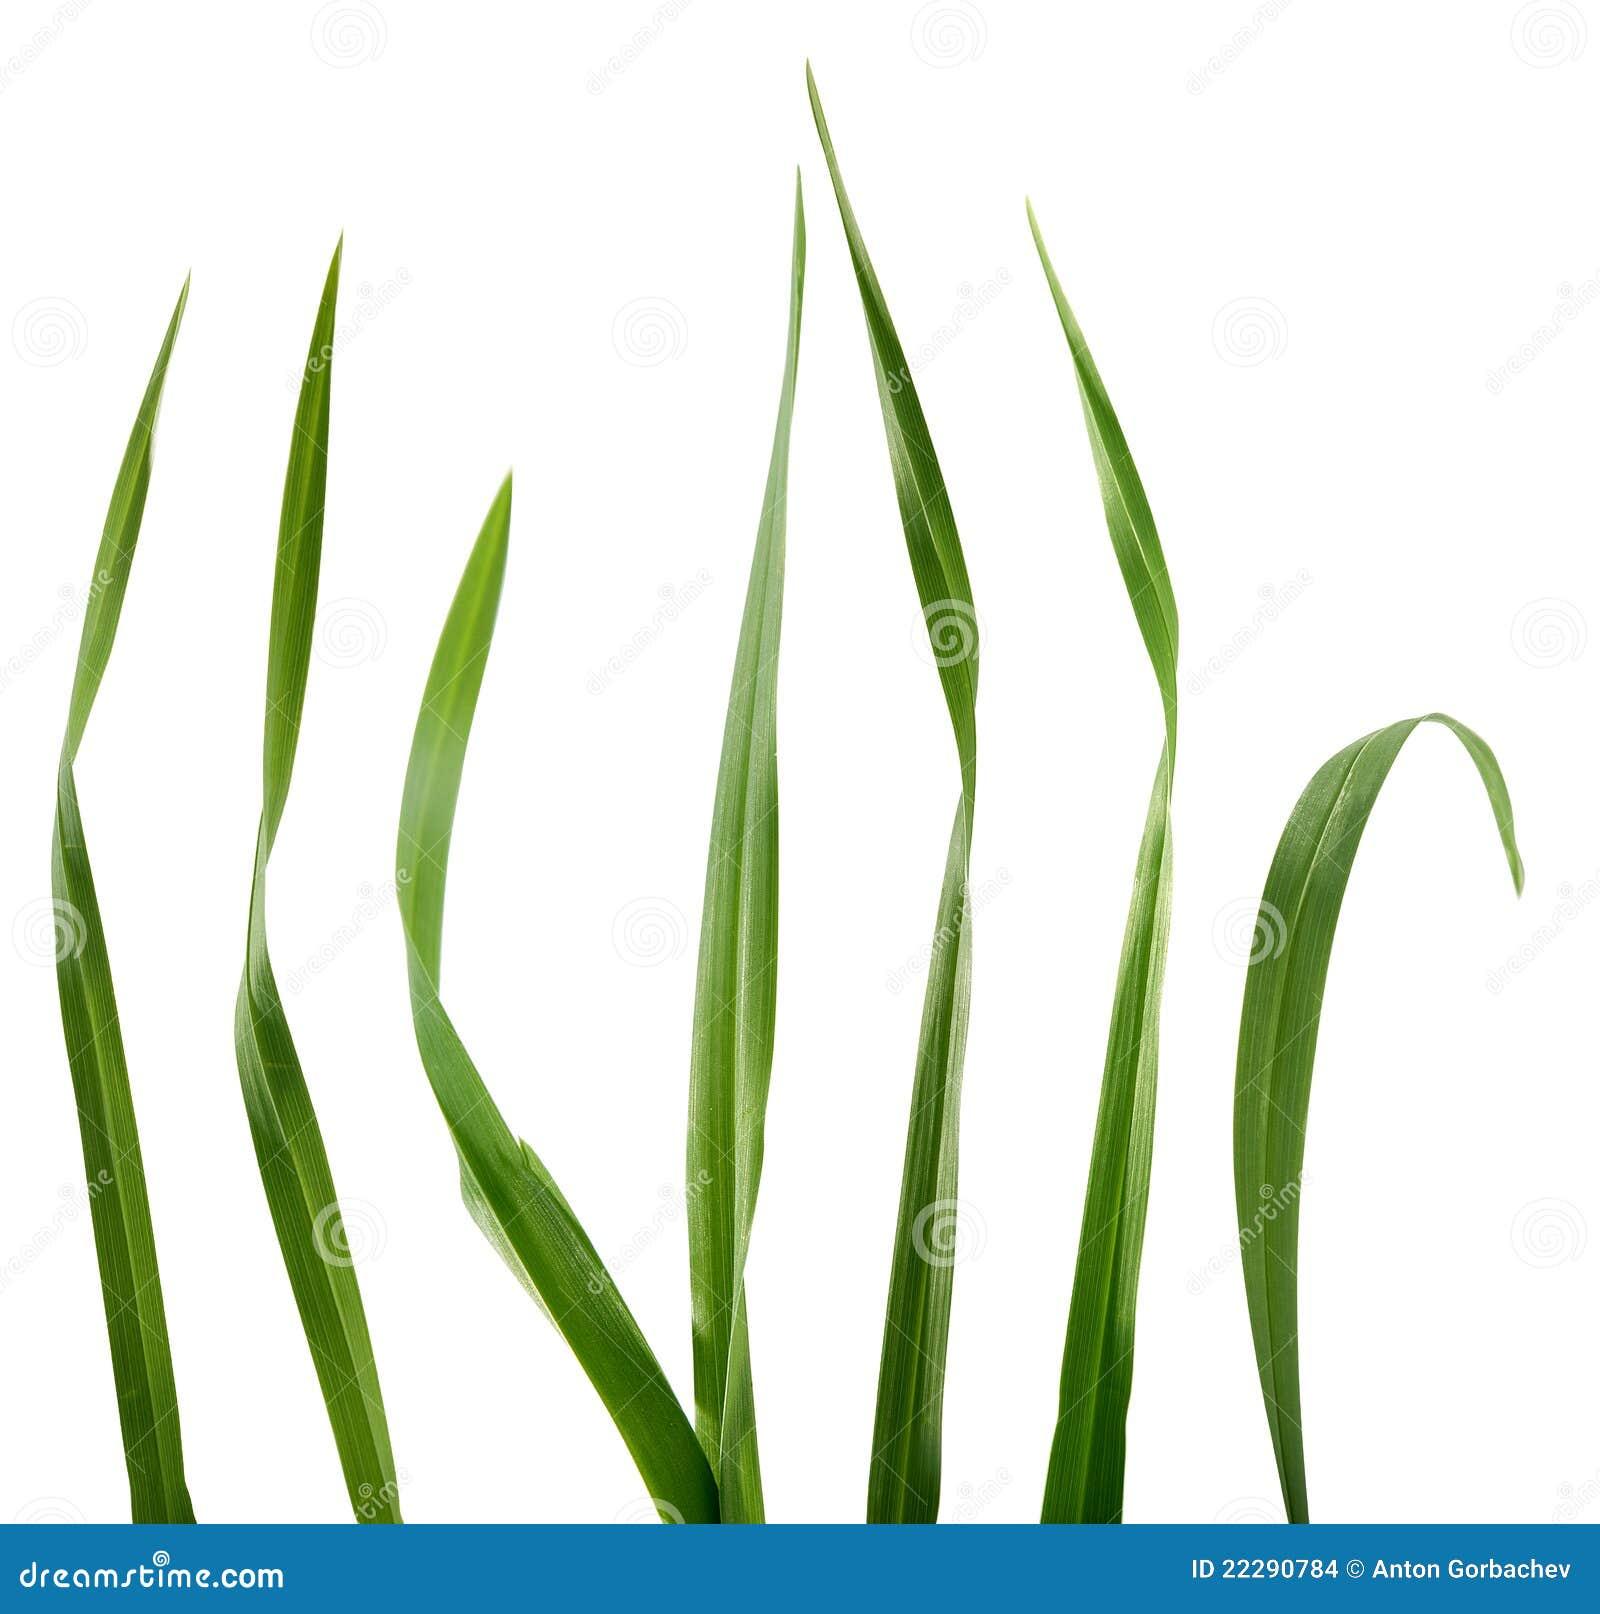 blade of grass vector - photo #35